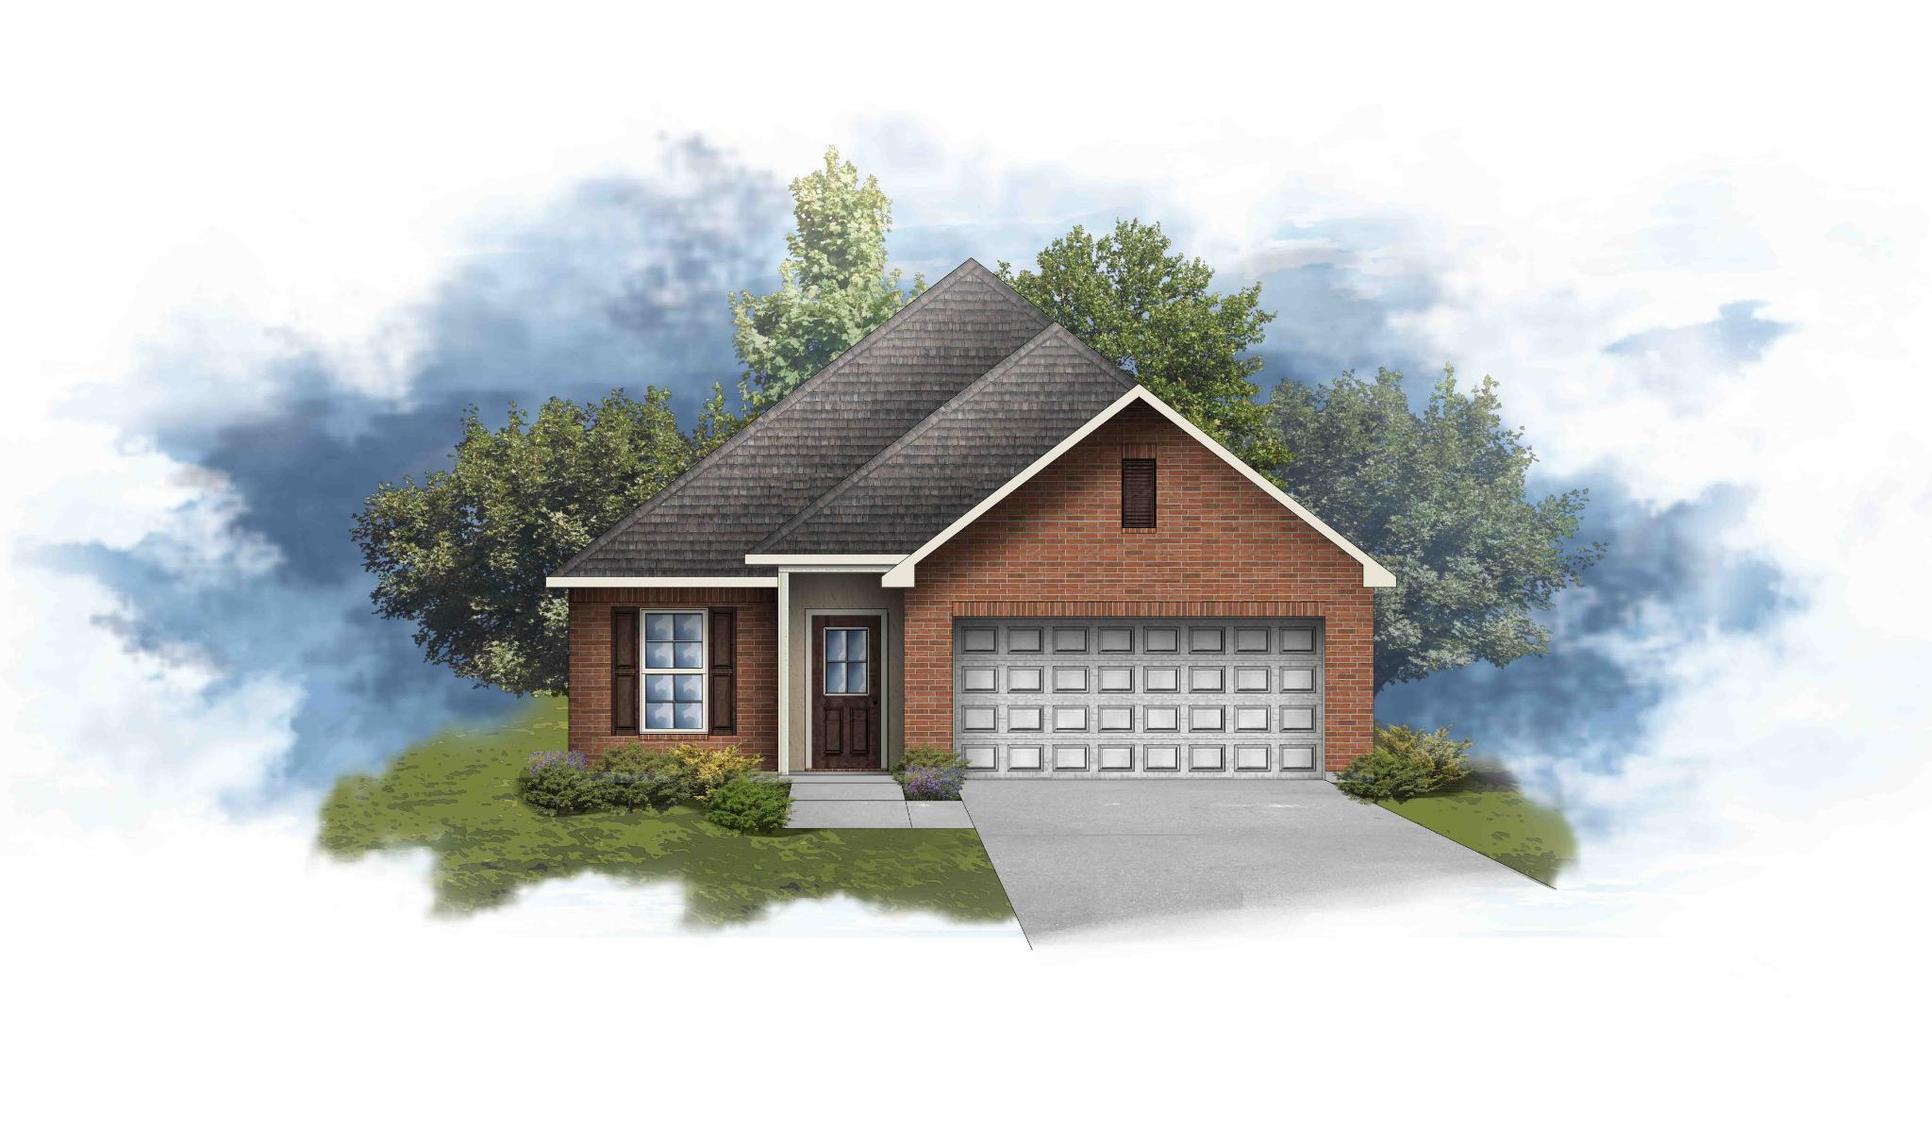 Croydon III B Plan - DSLD Homes